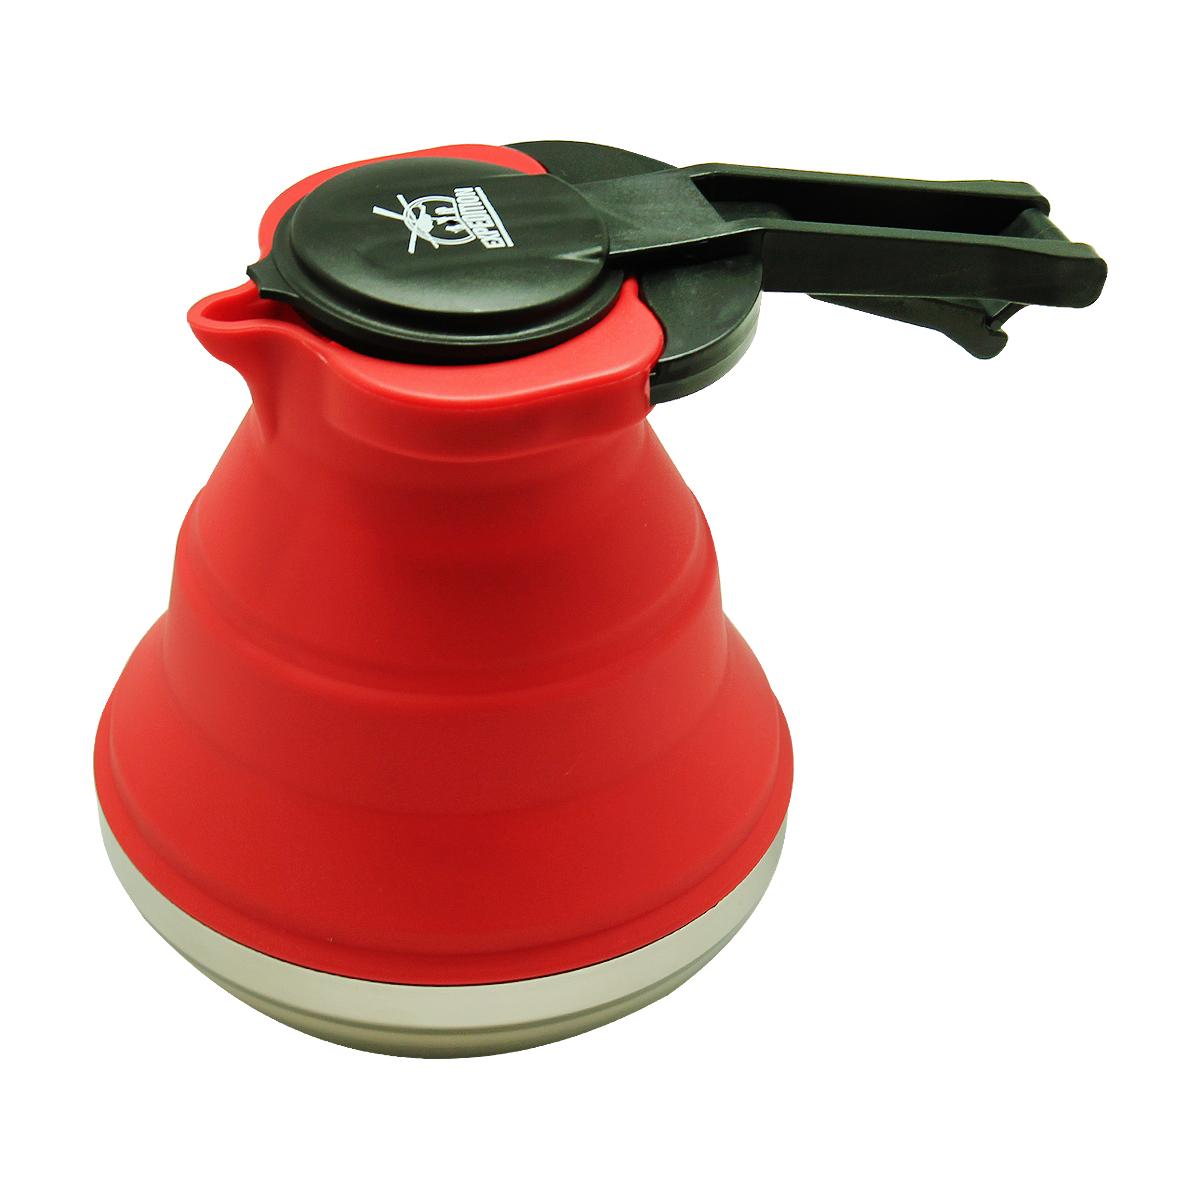 Чайник  Экспедиция , силиконовый, цвет: красный, 1,5 л - Туристическая посуда